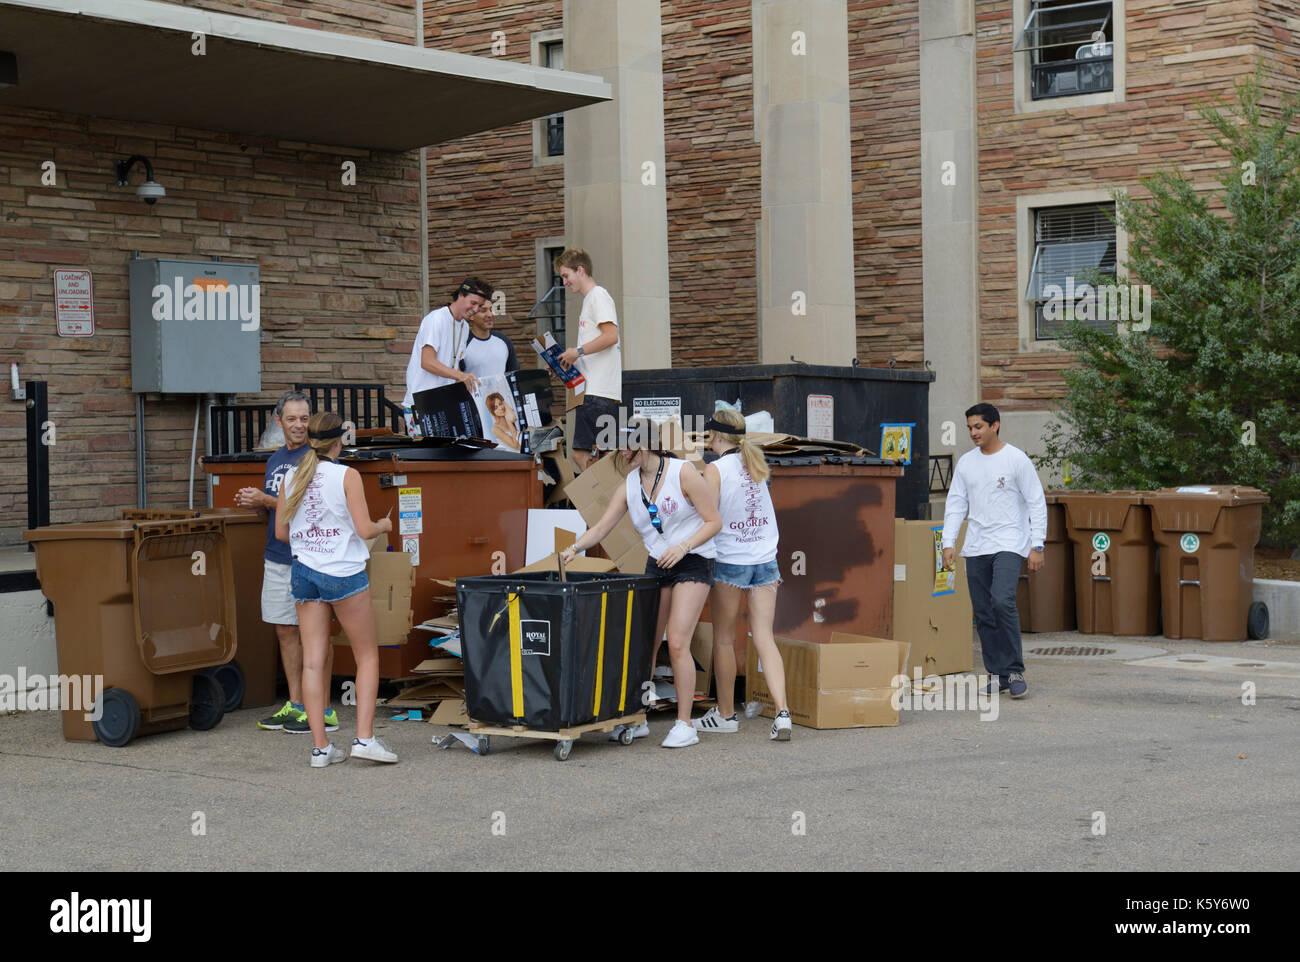 Reciclaje de estudiantes universitarios en el campus de la Universidad de Colorado Imagen De Stock